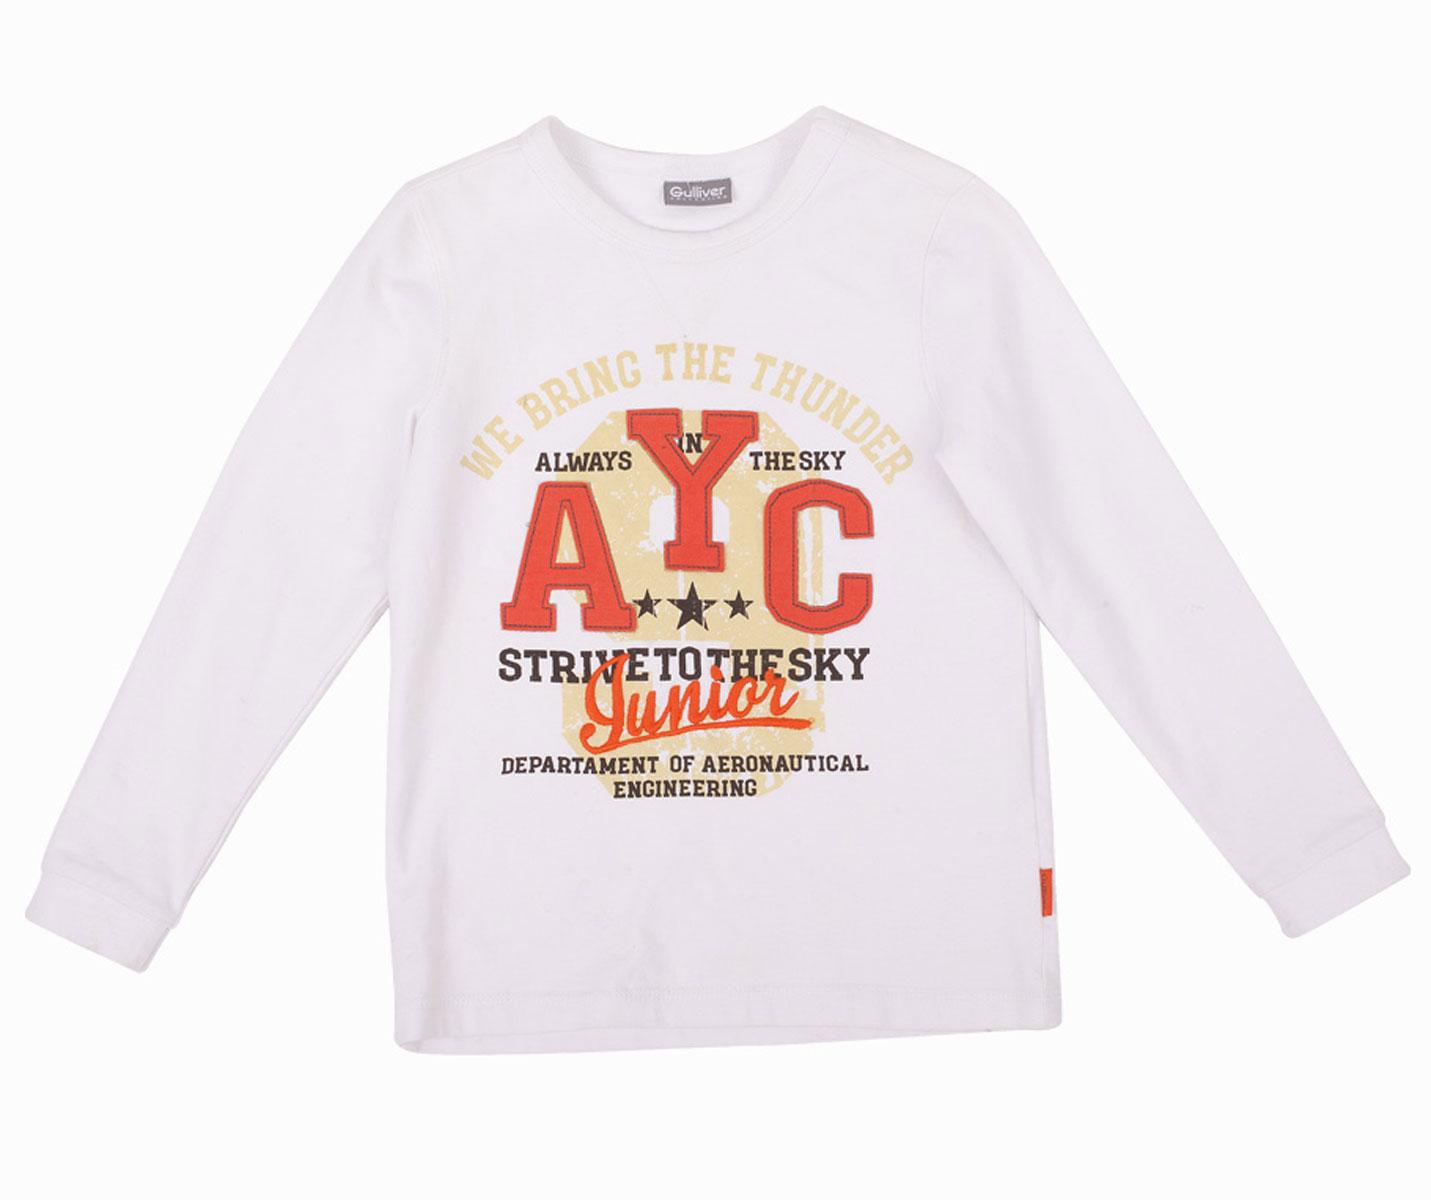 Футболка с длинным рукавом для мальчика Gulliver, цвет: белый. 21604BMC1202. Размер 9821604BMC1202Футболка с длинным рукавом для мальчика - основа повседневного гардероба! Но лишь некоторые из них становятся по-настоящему любимыми. Модная футболка с ярким выразительным принтом сделает каждый день ребенка интересным и увлекательным. Выполненная из хлопка с эластаном, футболка с надписями обладает особой мягкостью, обеспечивающей ежедневный комфорт. Вы решили купить модную белую футболку с длинным рукавом? Эта модель - то, что вам нужно!